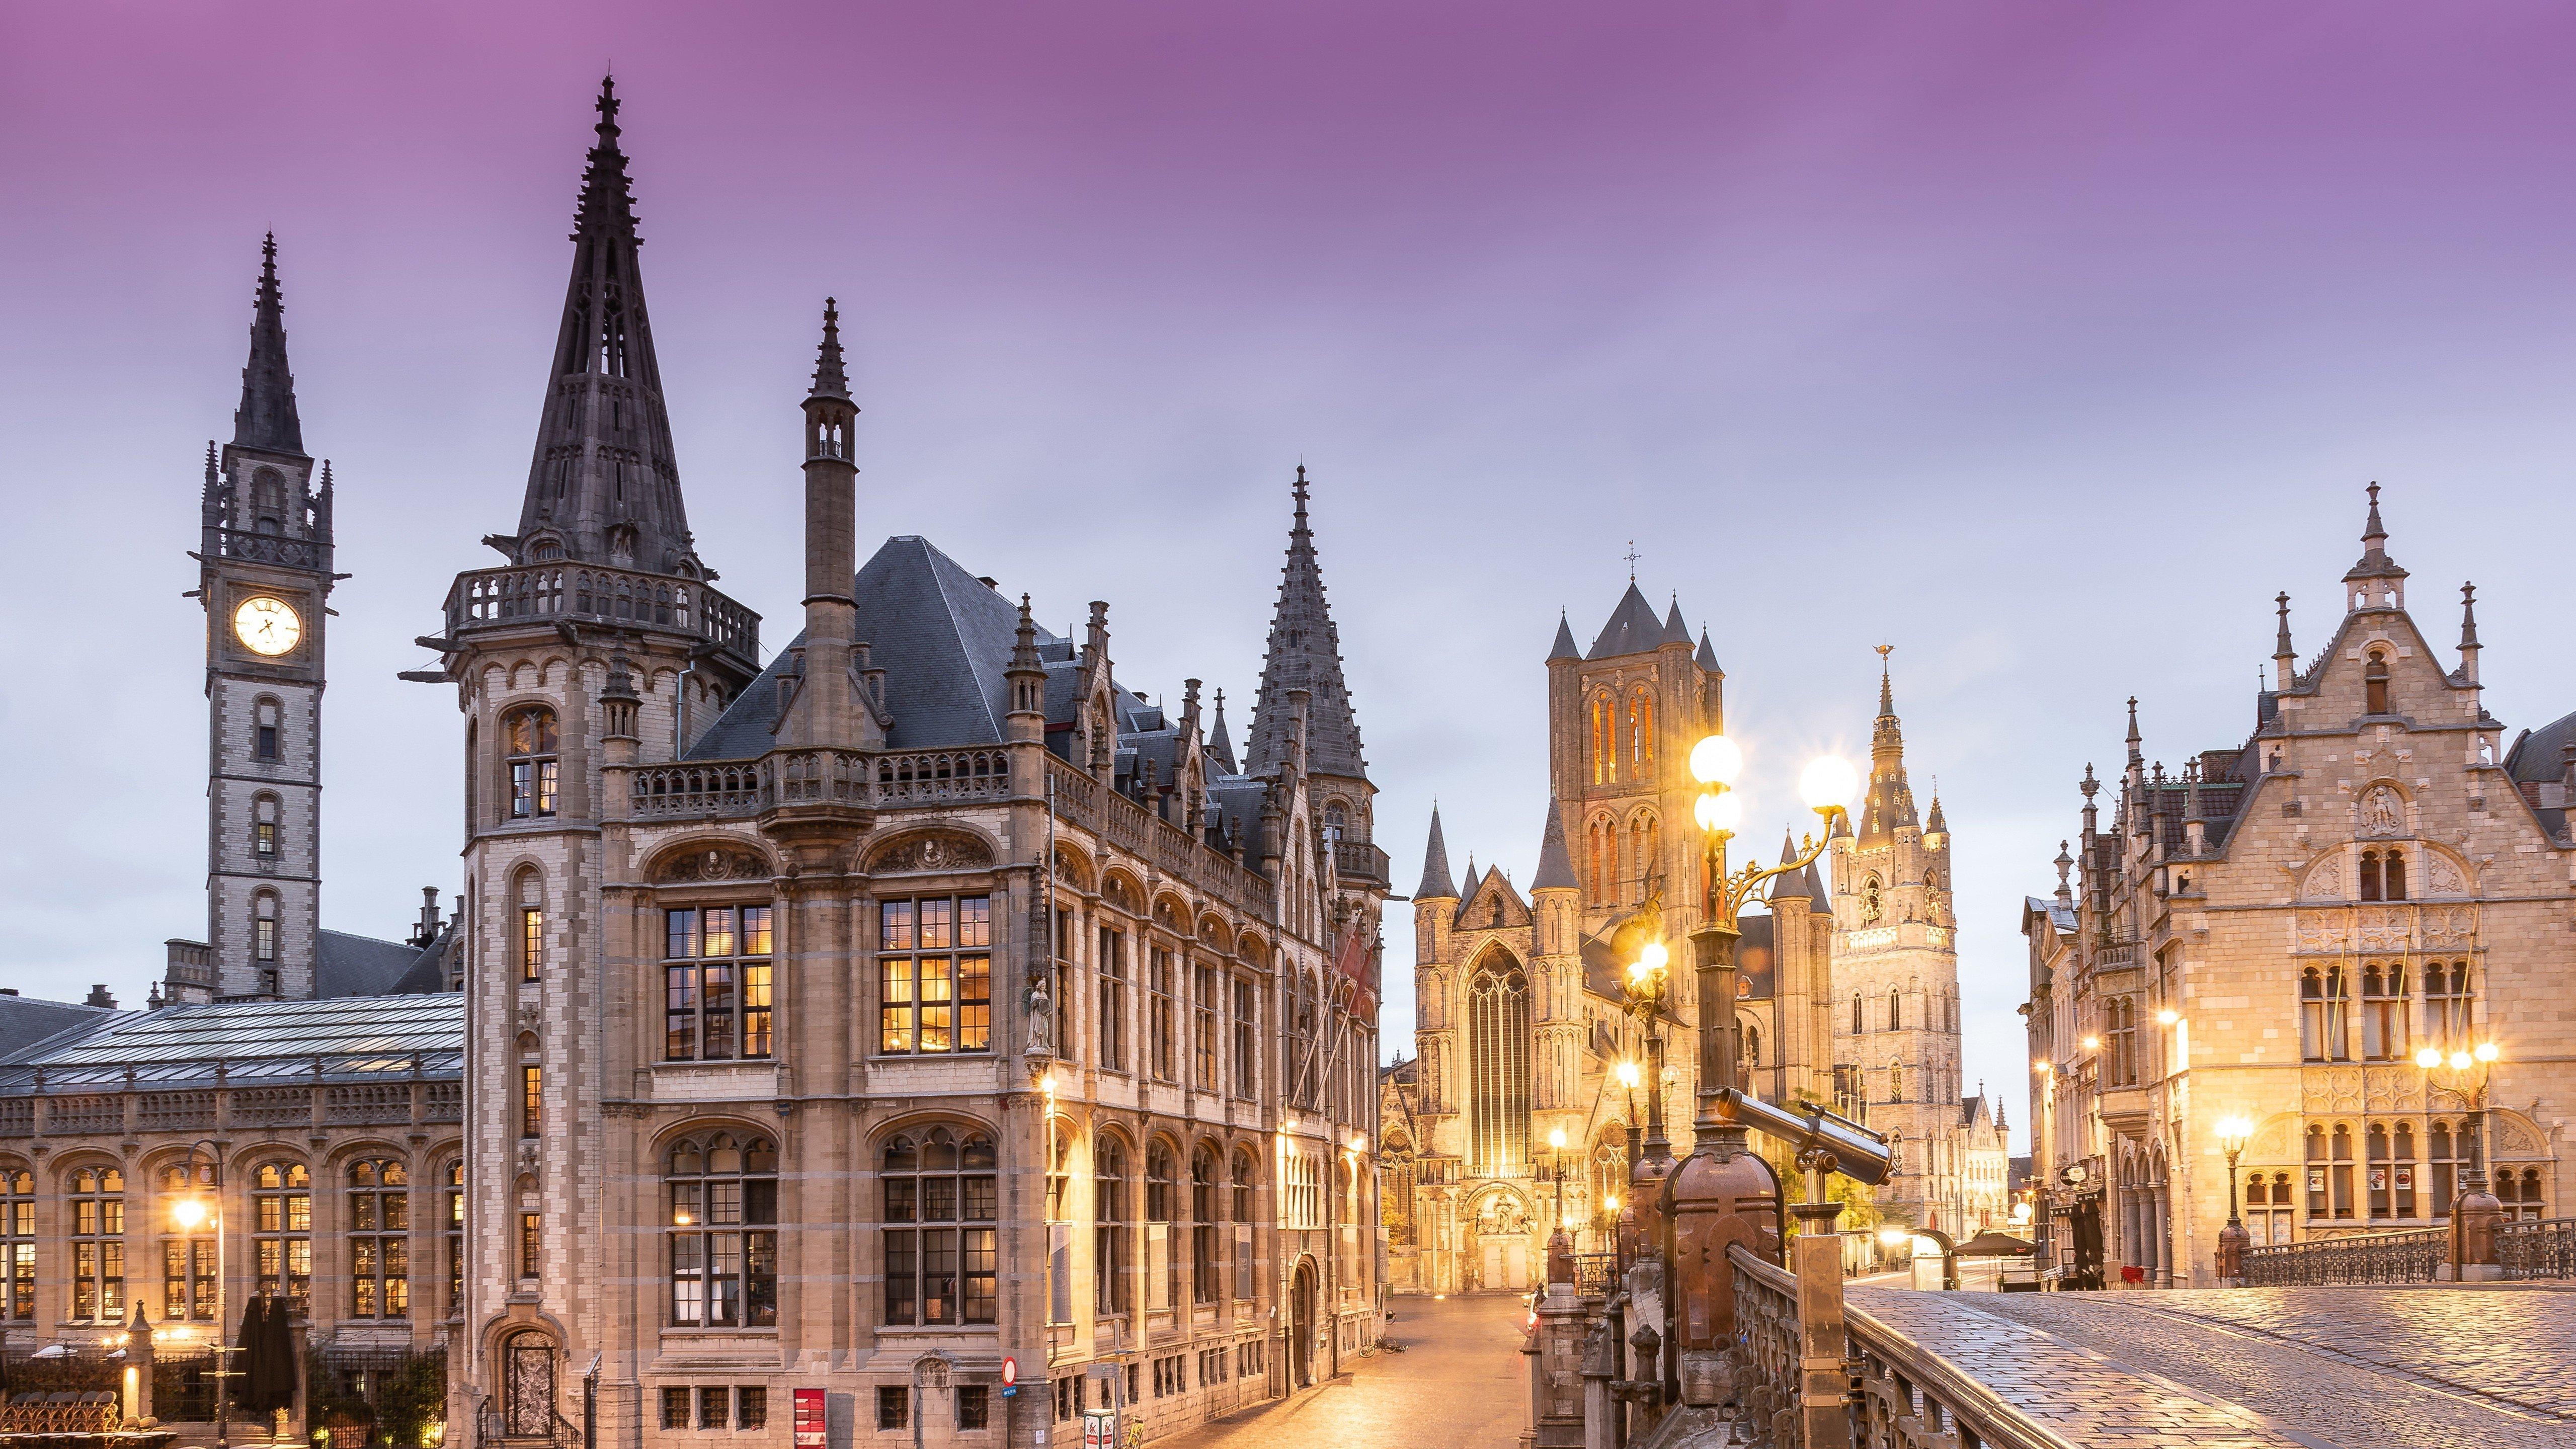 Fondos de pantalla Arquitectura en Bélgica